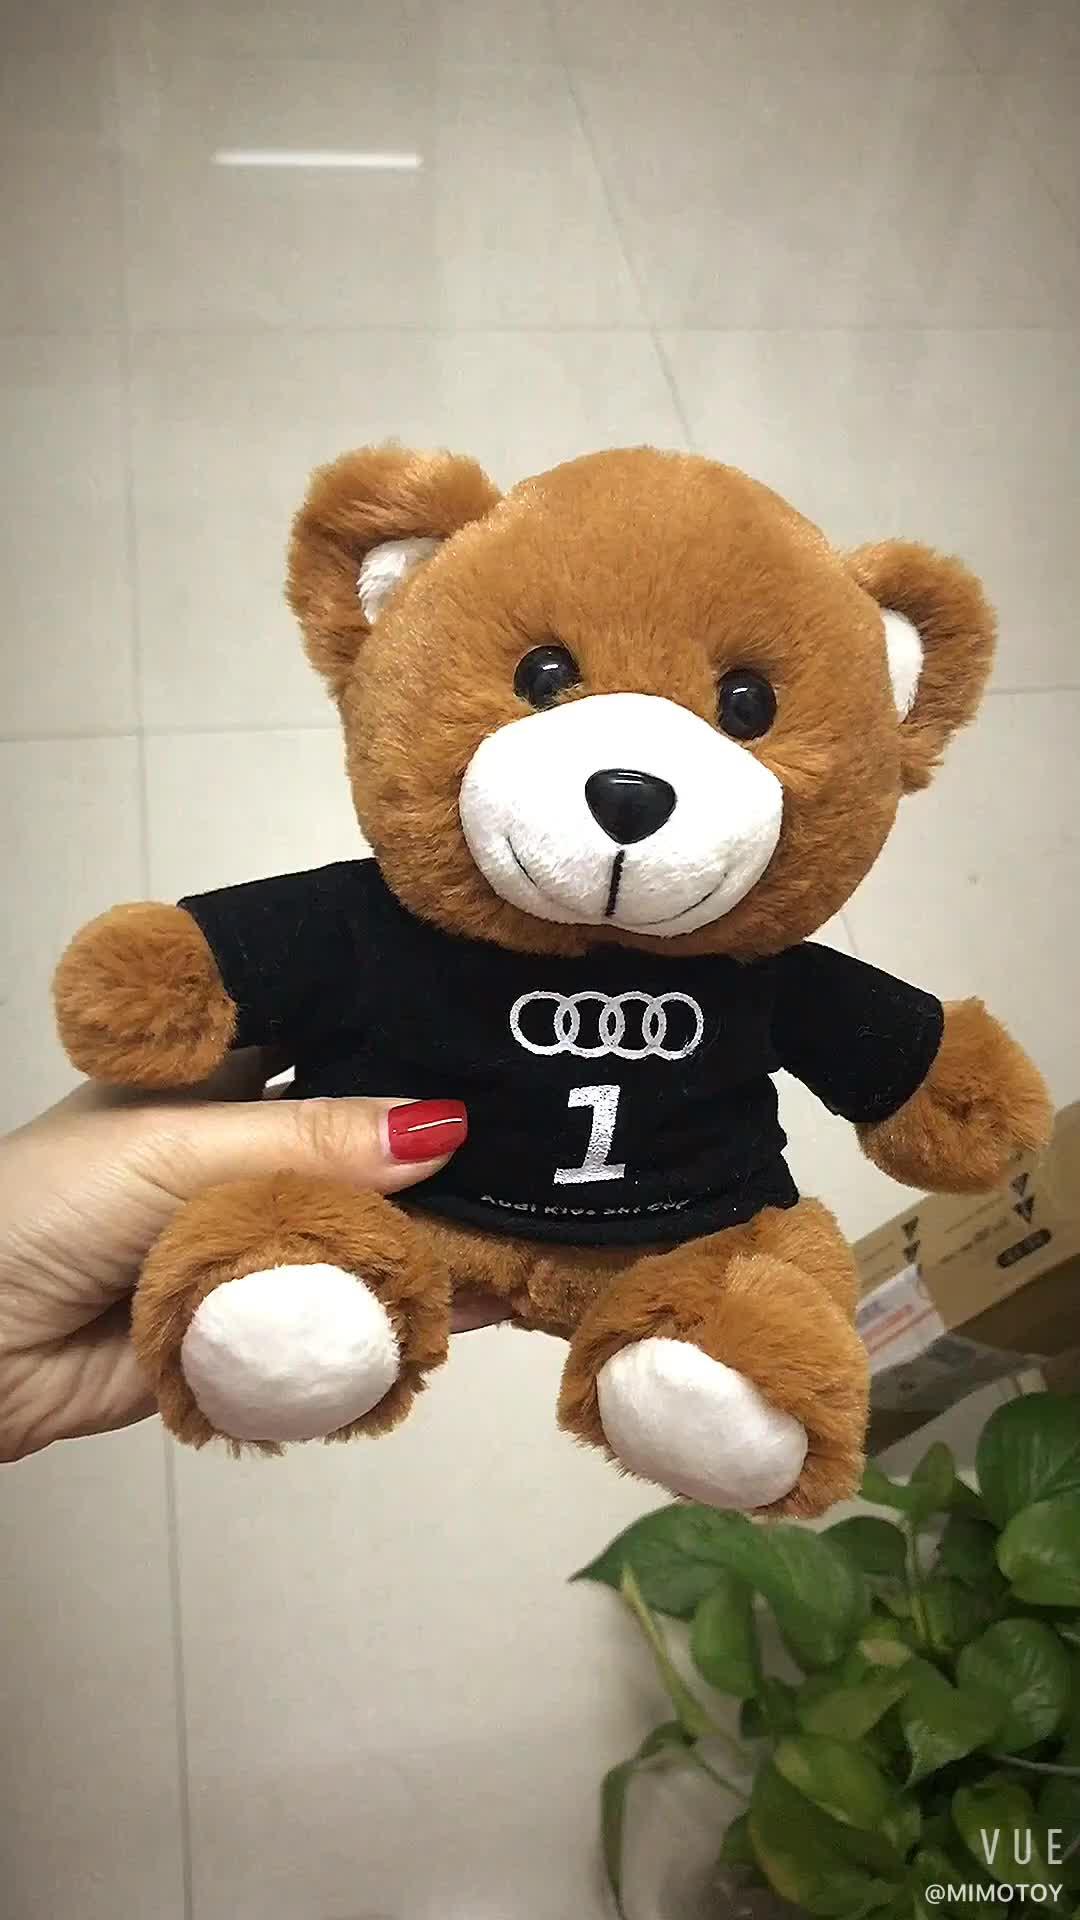 2018 Promosi Hadiah Mainan Plush Teddy Bear Kaos Dengan Logo Grosir Murah Lucu Kustom Boneka Lembut Anak-anak Mainan Mewah teddy Bear